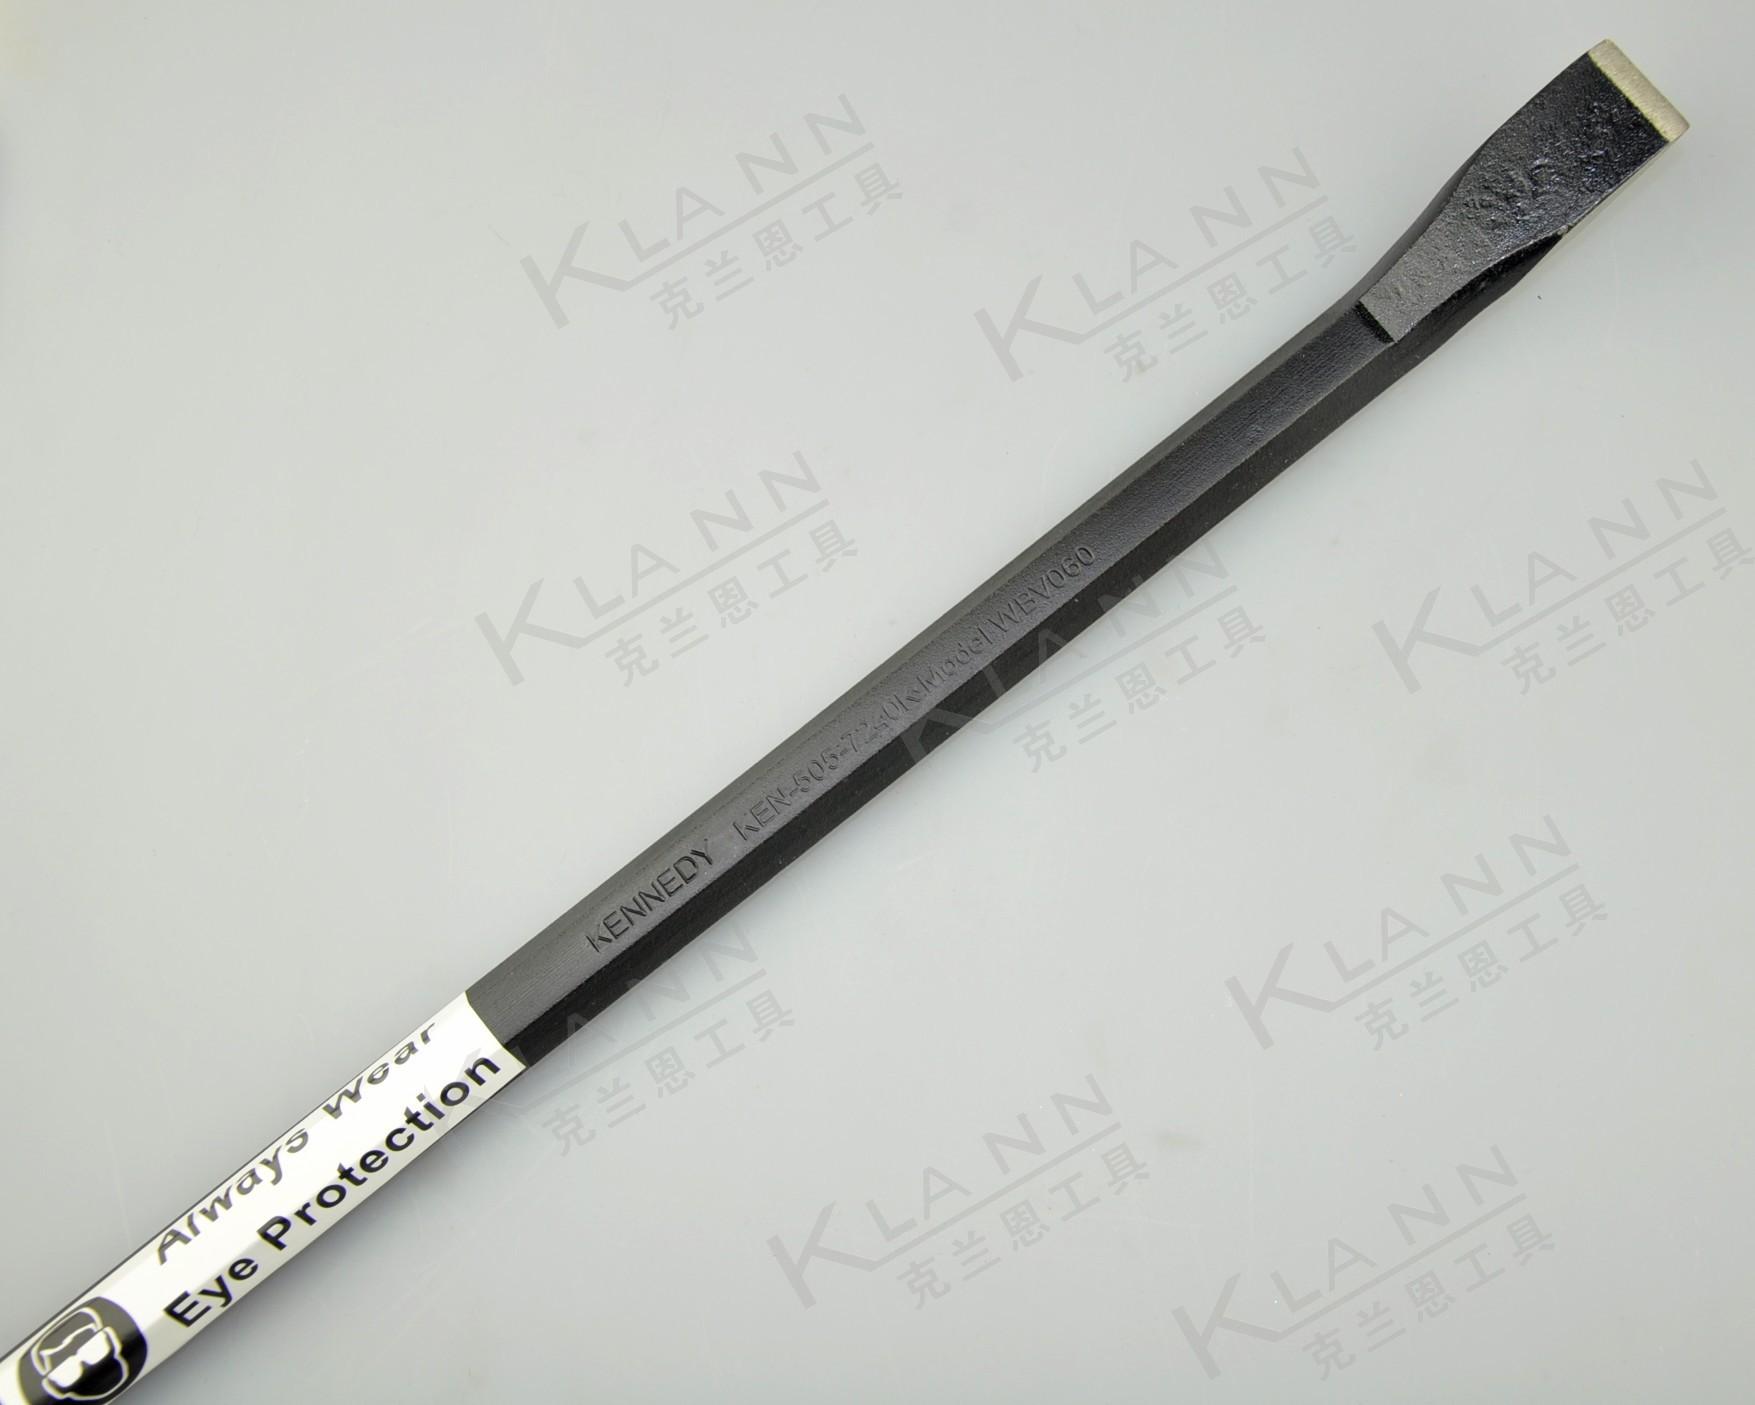 Лом Великобритания лом Кеннеди ногти двойной-использовать ломик Кен-505-7240k Кромвель инструменты